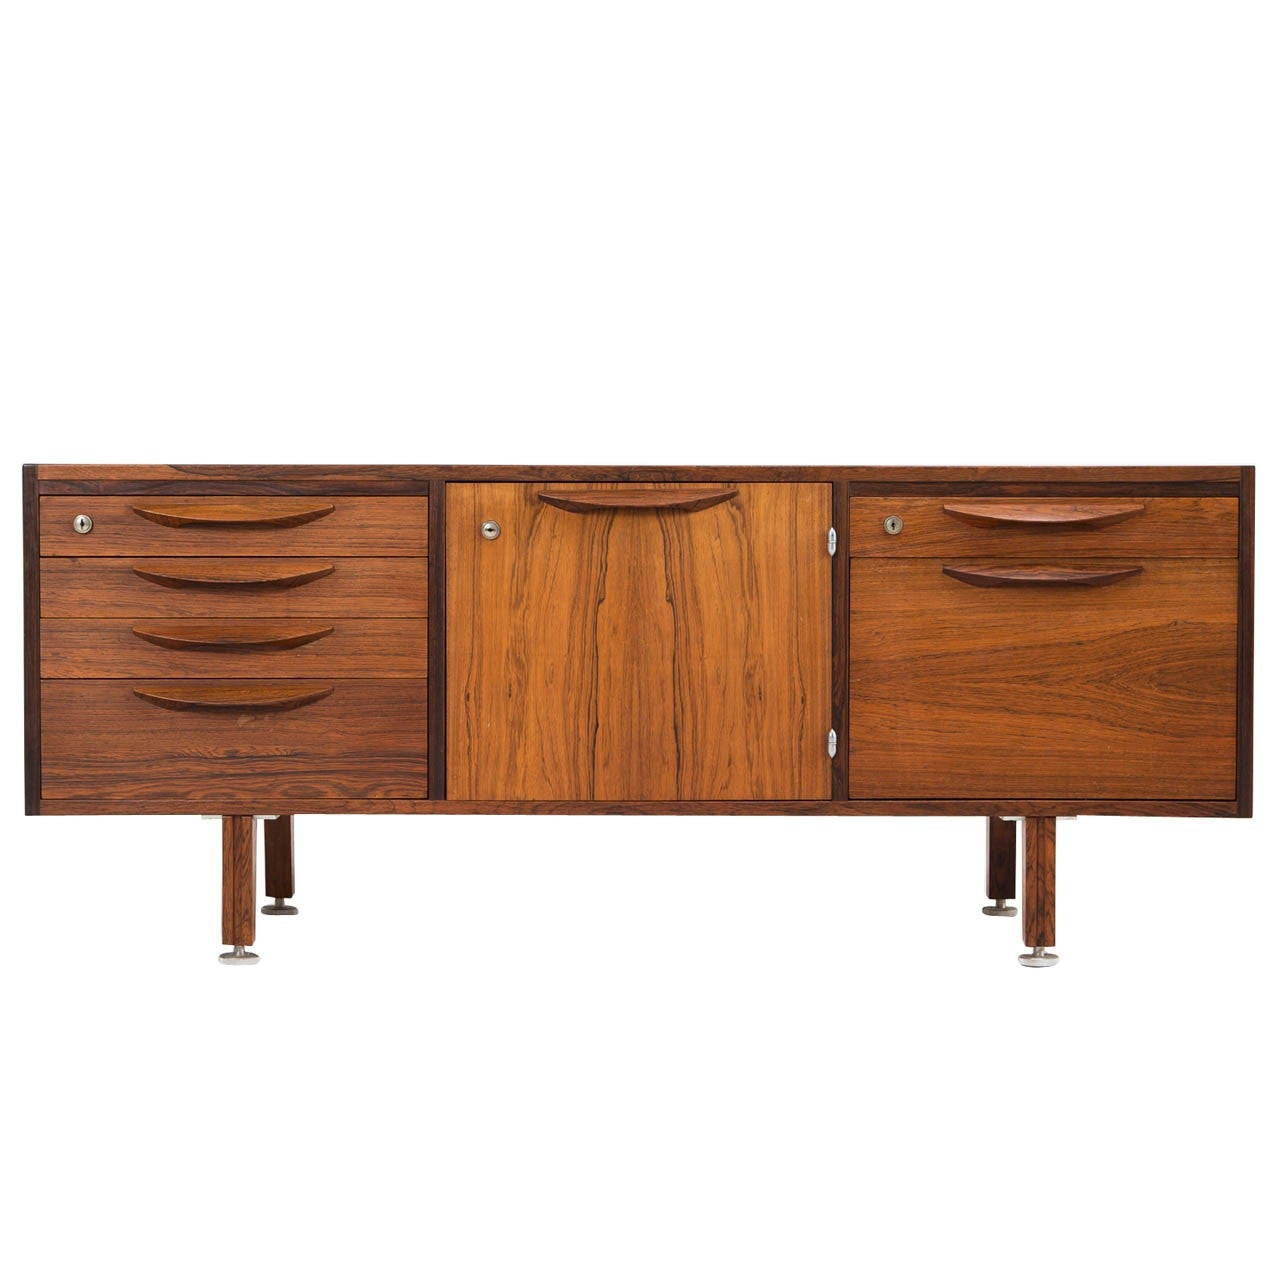 Rosewood Sideboard by Jens Risom, Denmark